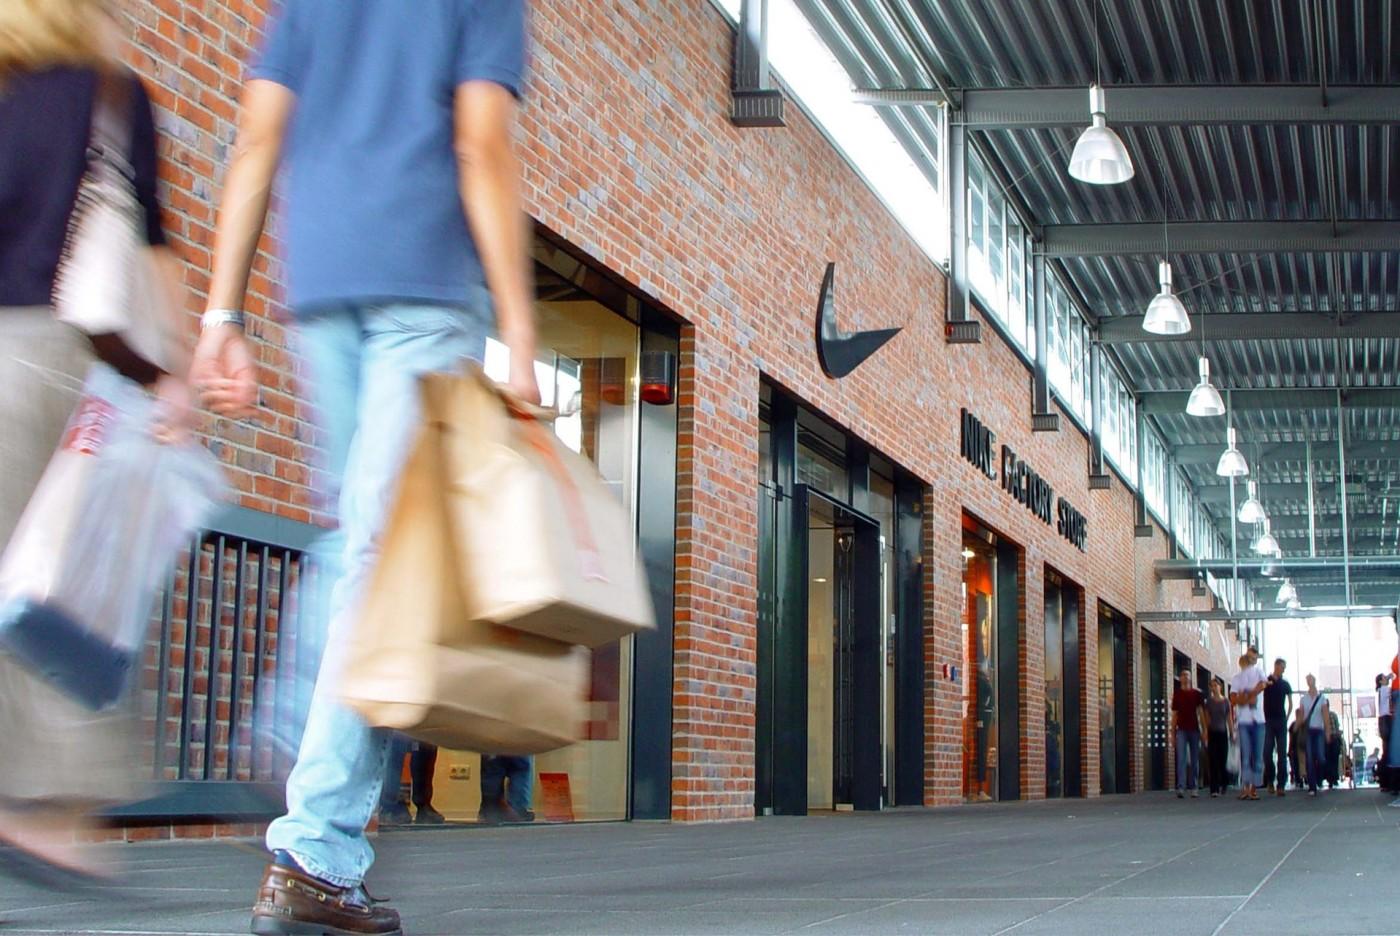 магазин, пазаруване, шопинг, онлайн, марка